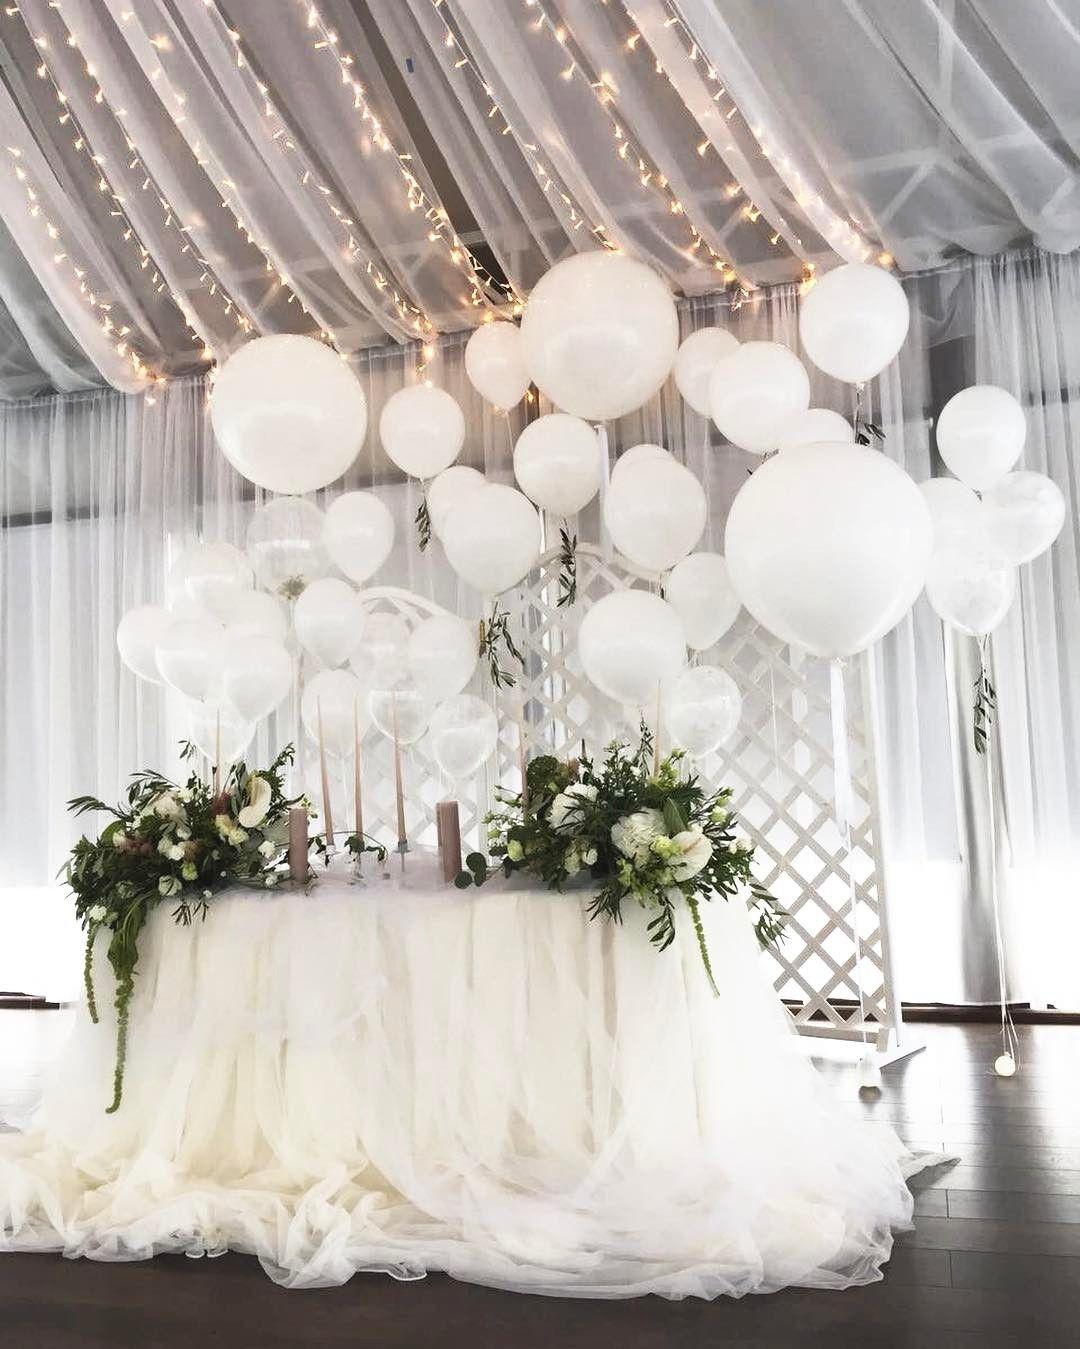 205 Likes 5 Comments Maxim Nu Alo Zakharov Bymaximzakharov On Instagram Segod Wedding Balloon Decorations Wedding Balloons Wedding Party Table Backdrop